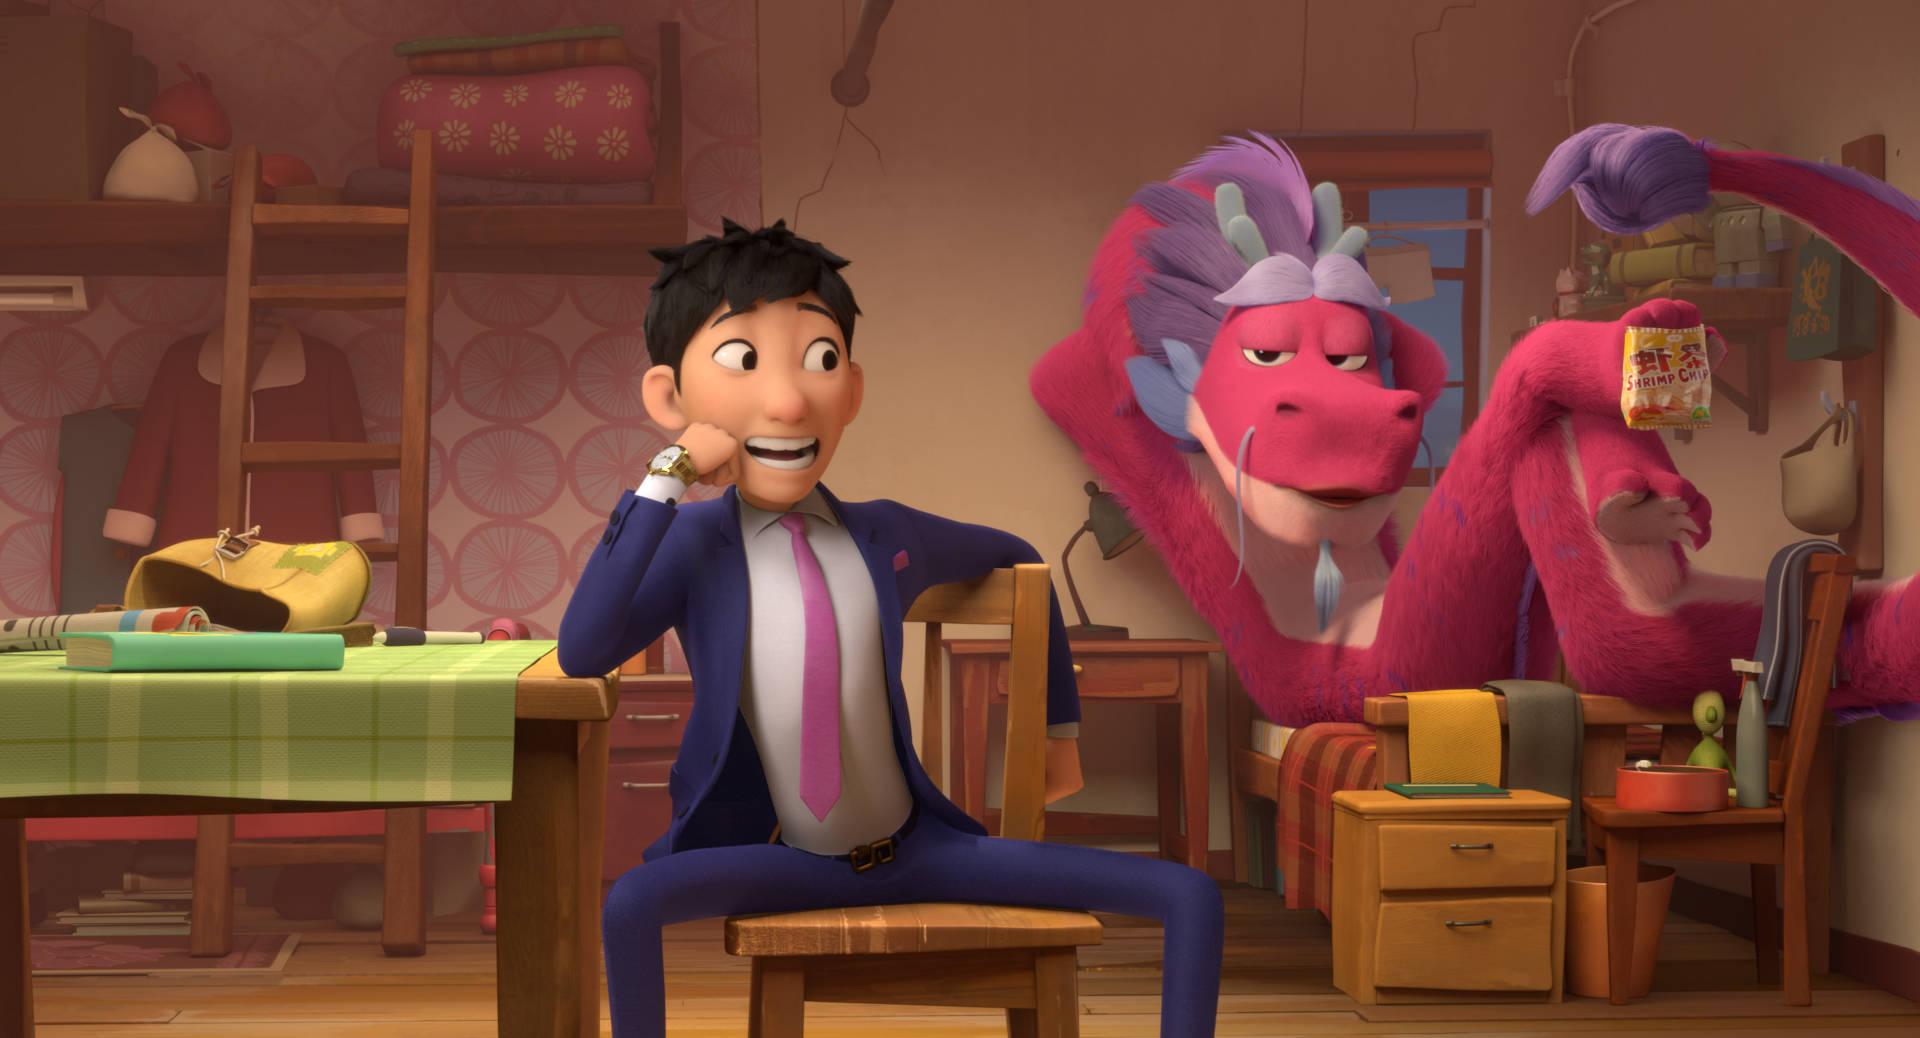 【观影招募】超级暖心又好笑的动画片《许愿神龙》免费请你带孩子一起来看!插图7